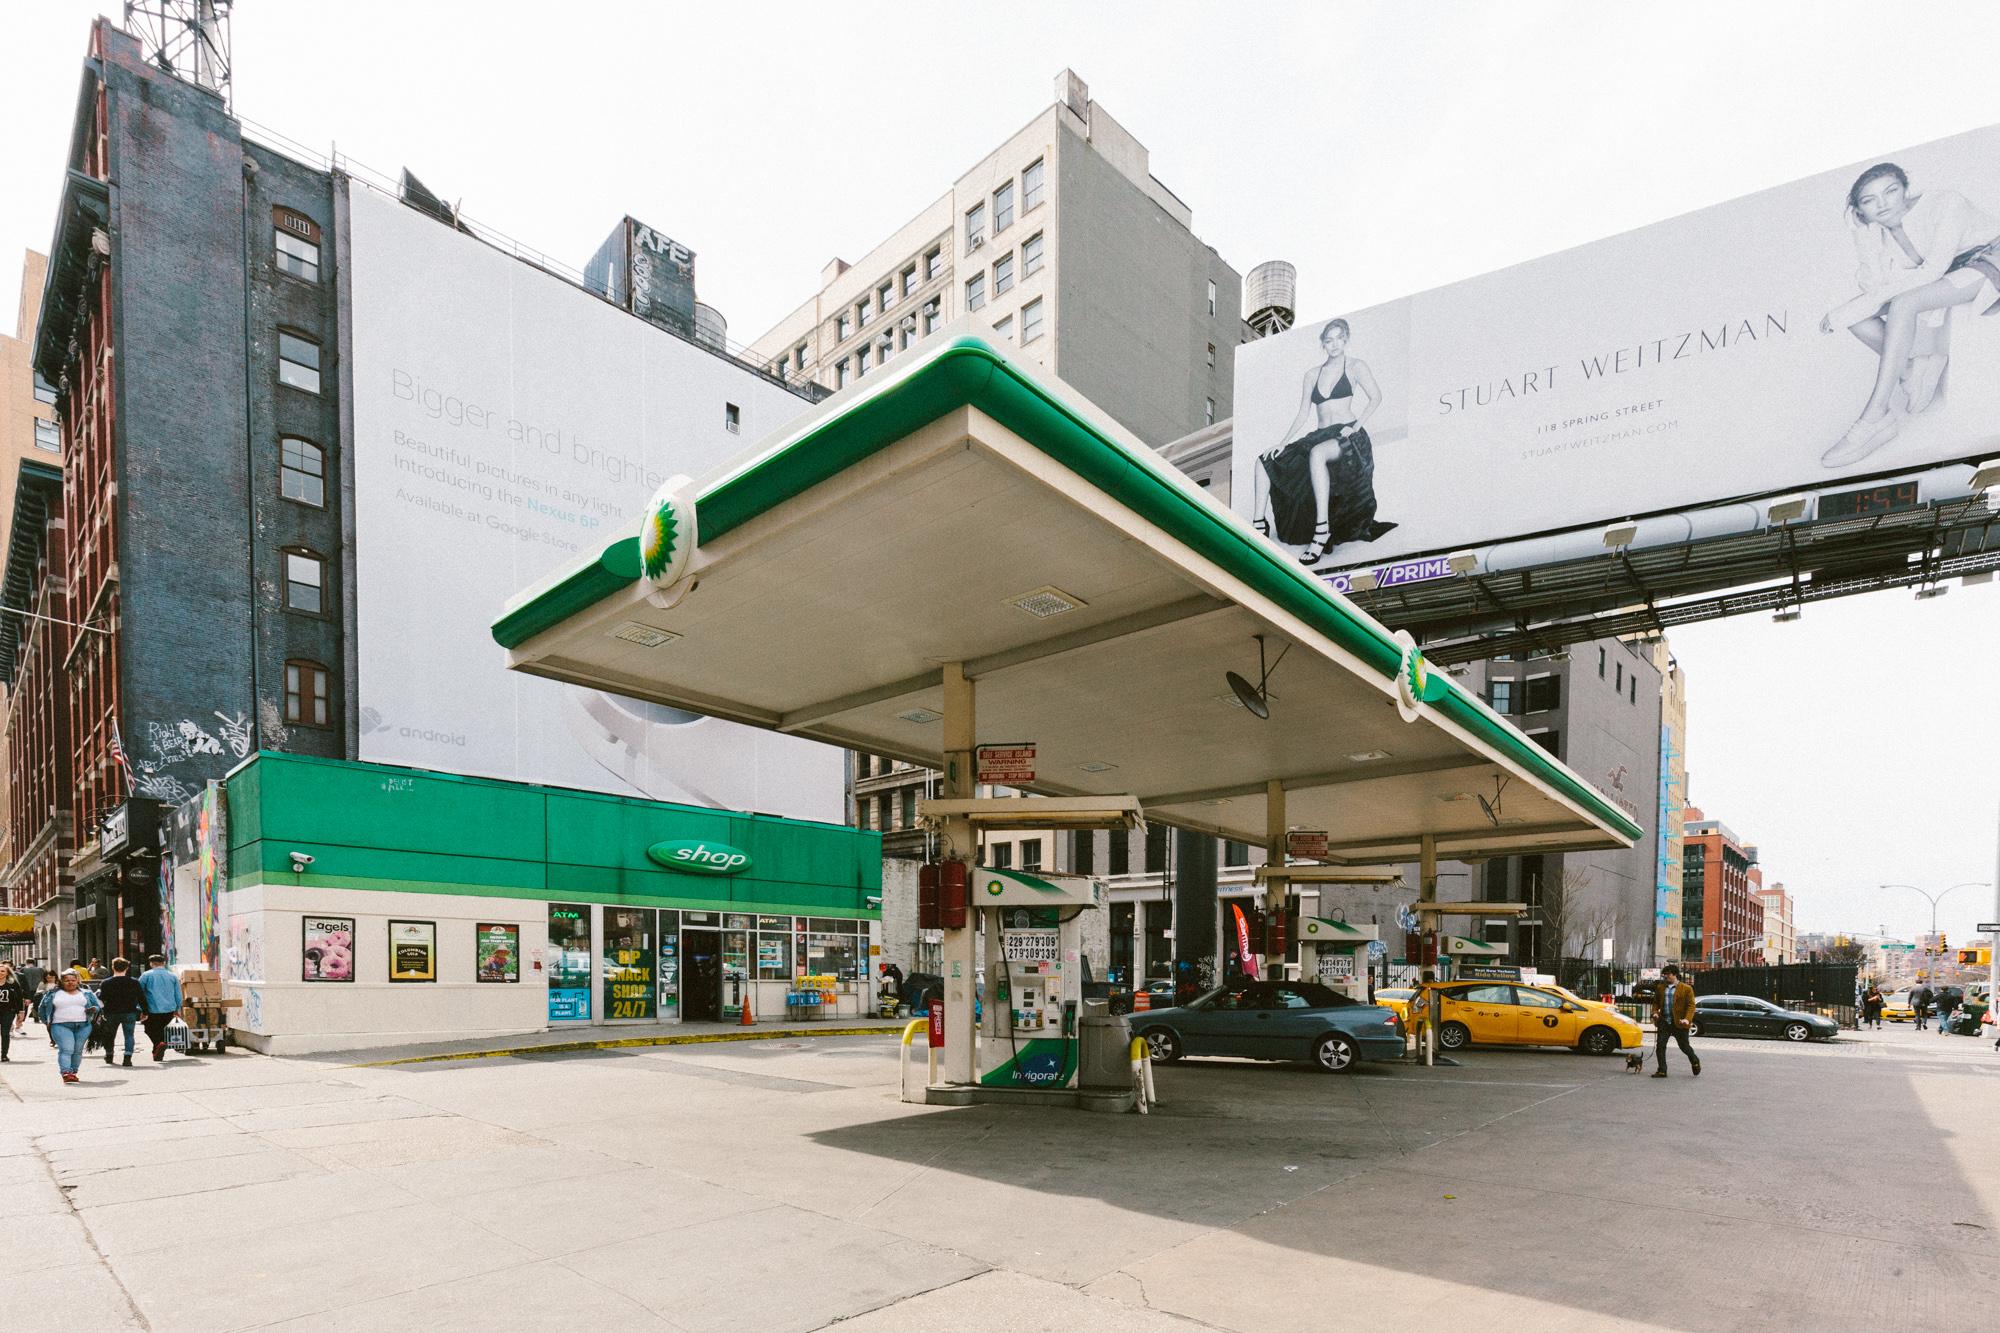 The SoHo BP gas station has closed — Doobybrain com